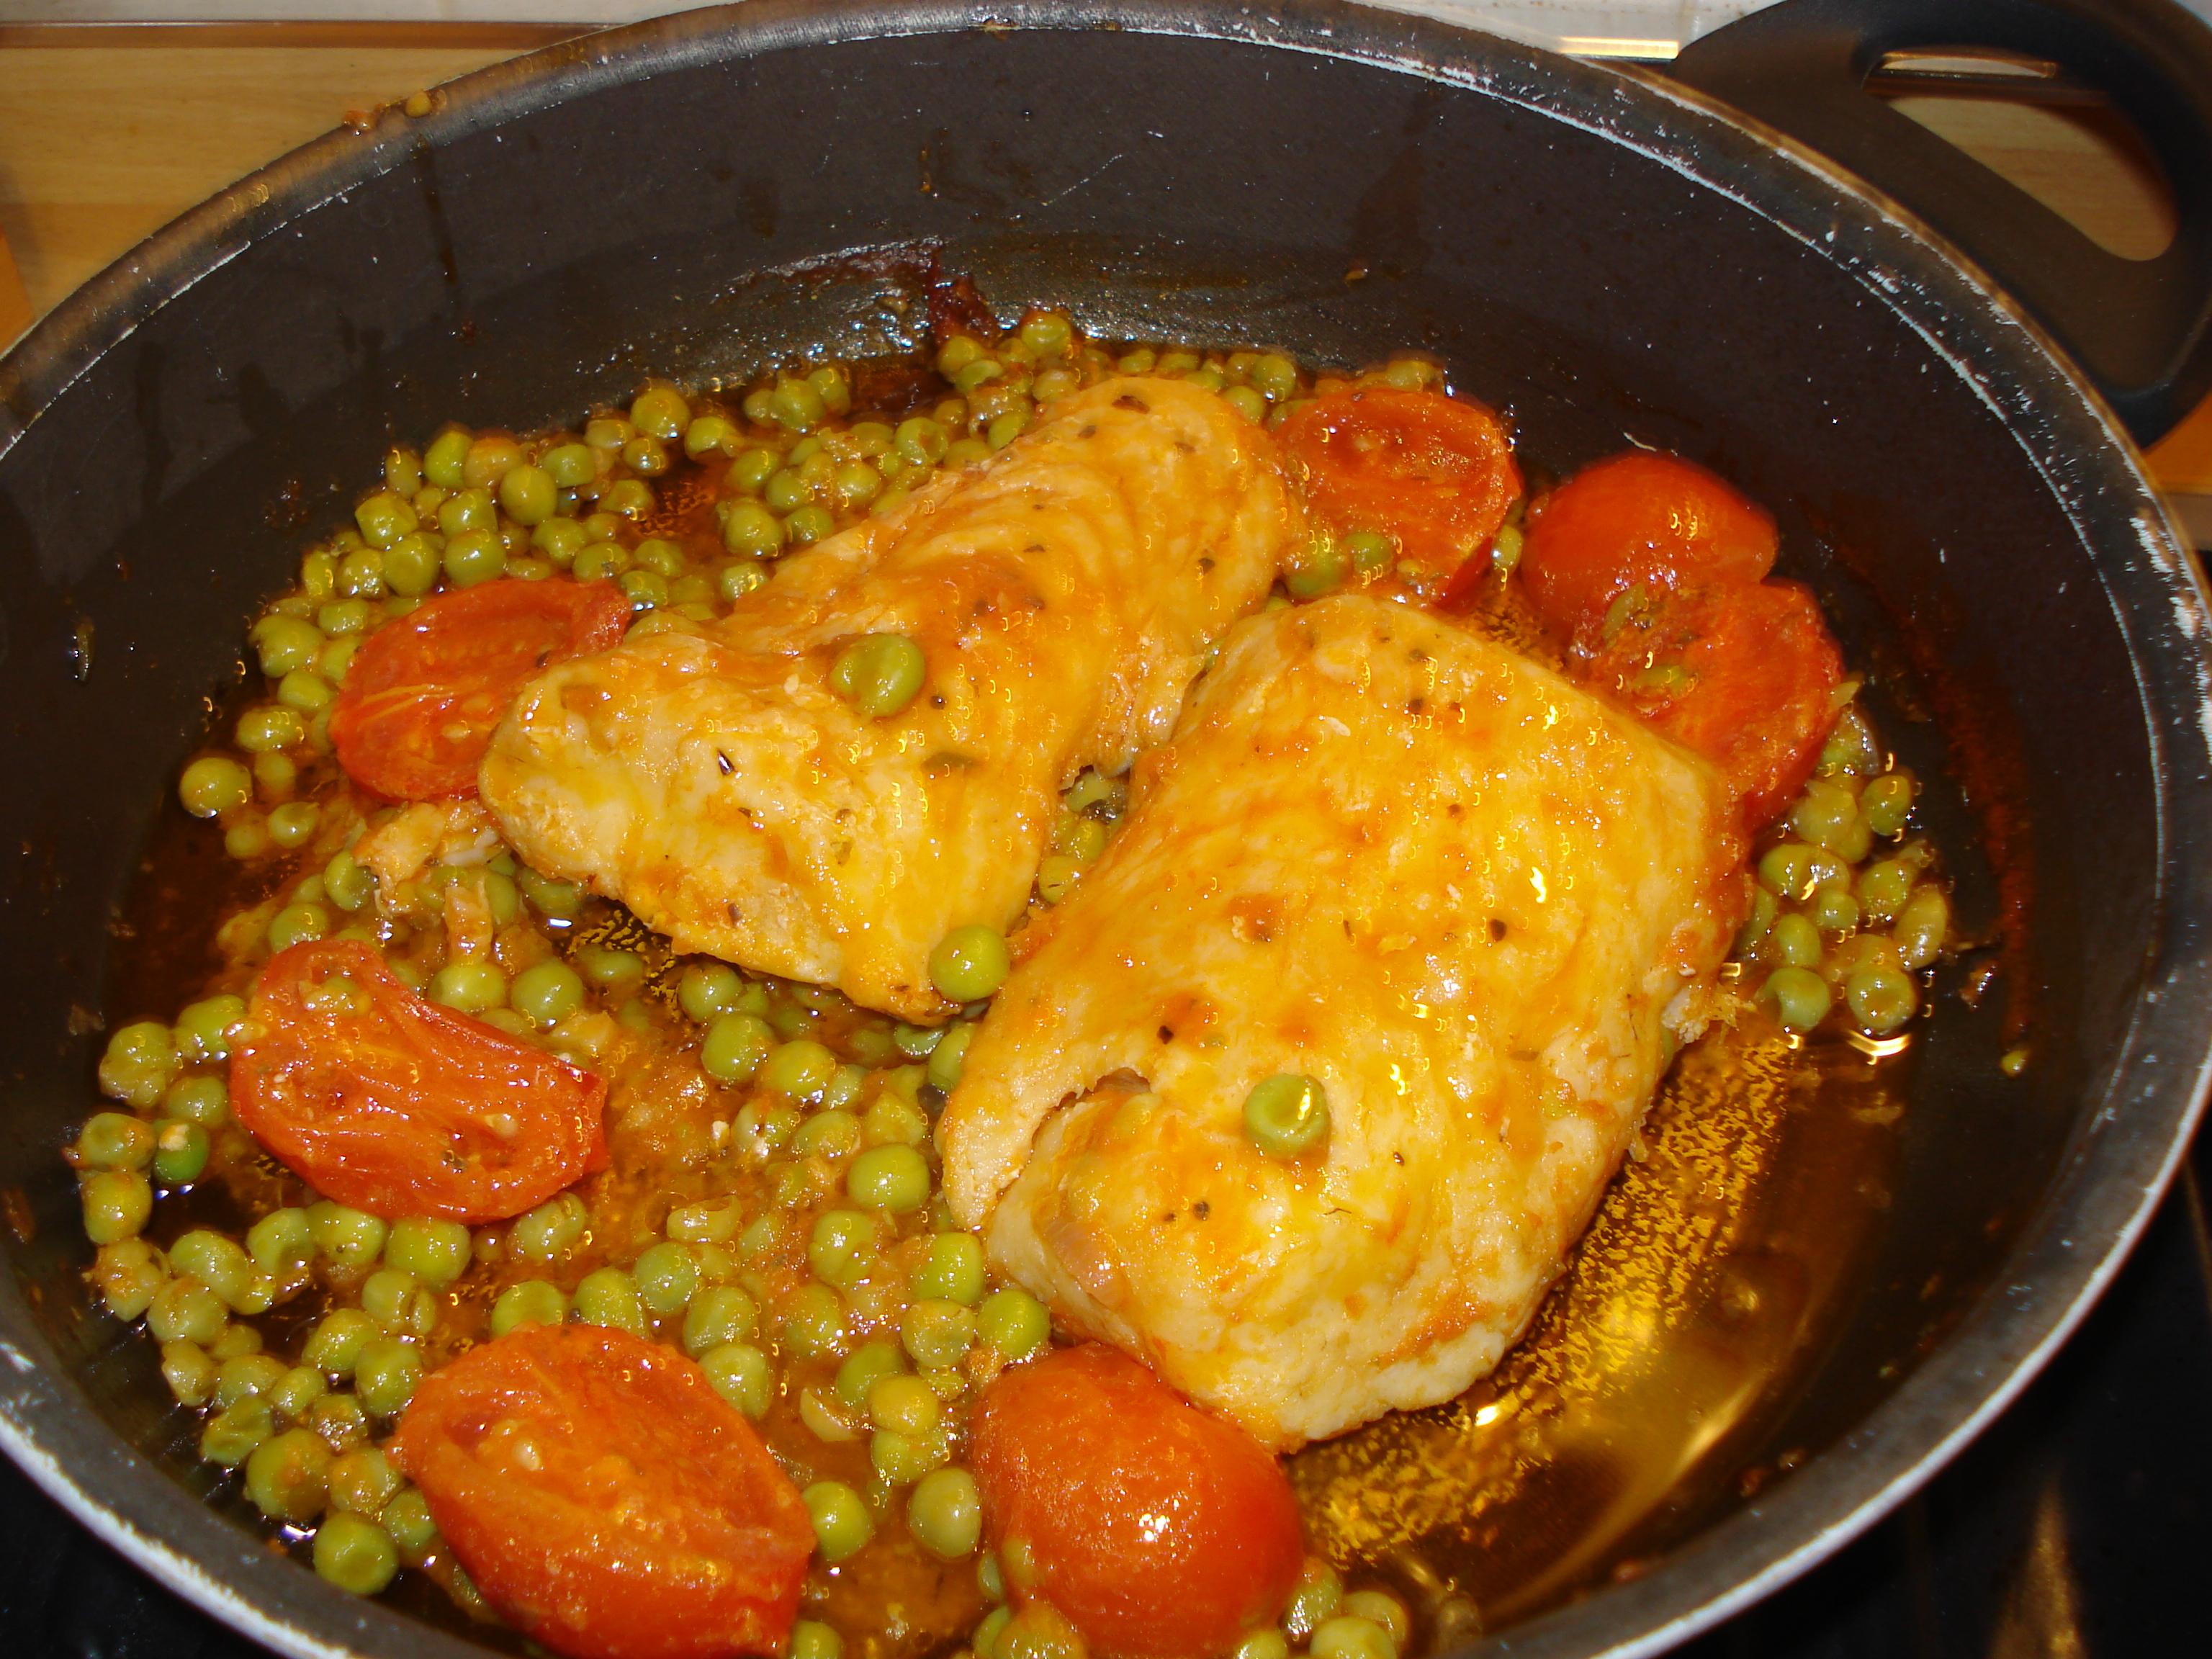 di merluzzo ai piselli e pomodorini - Cucinare Filetto Di Merluzzo